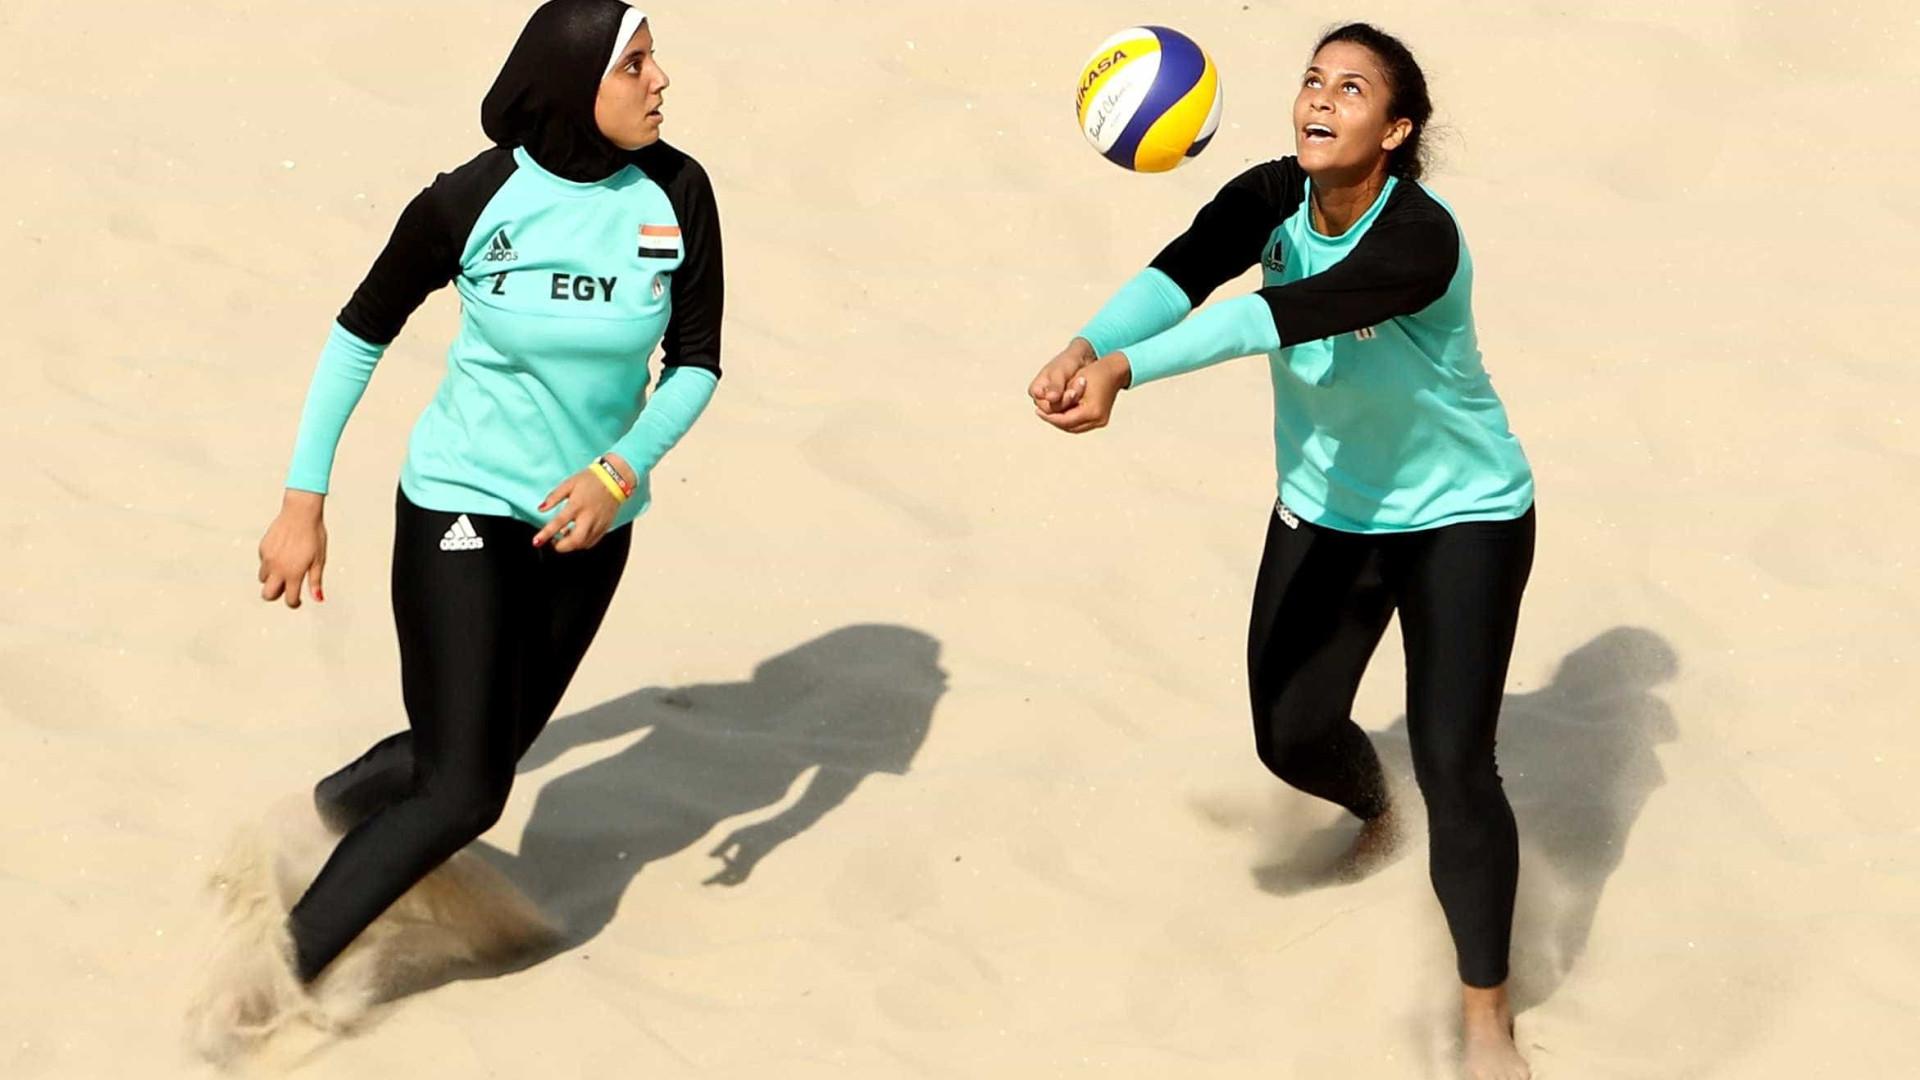 DJ do vôlei de praia toca  'É o Tchan' para deixar egípcias à vontade